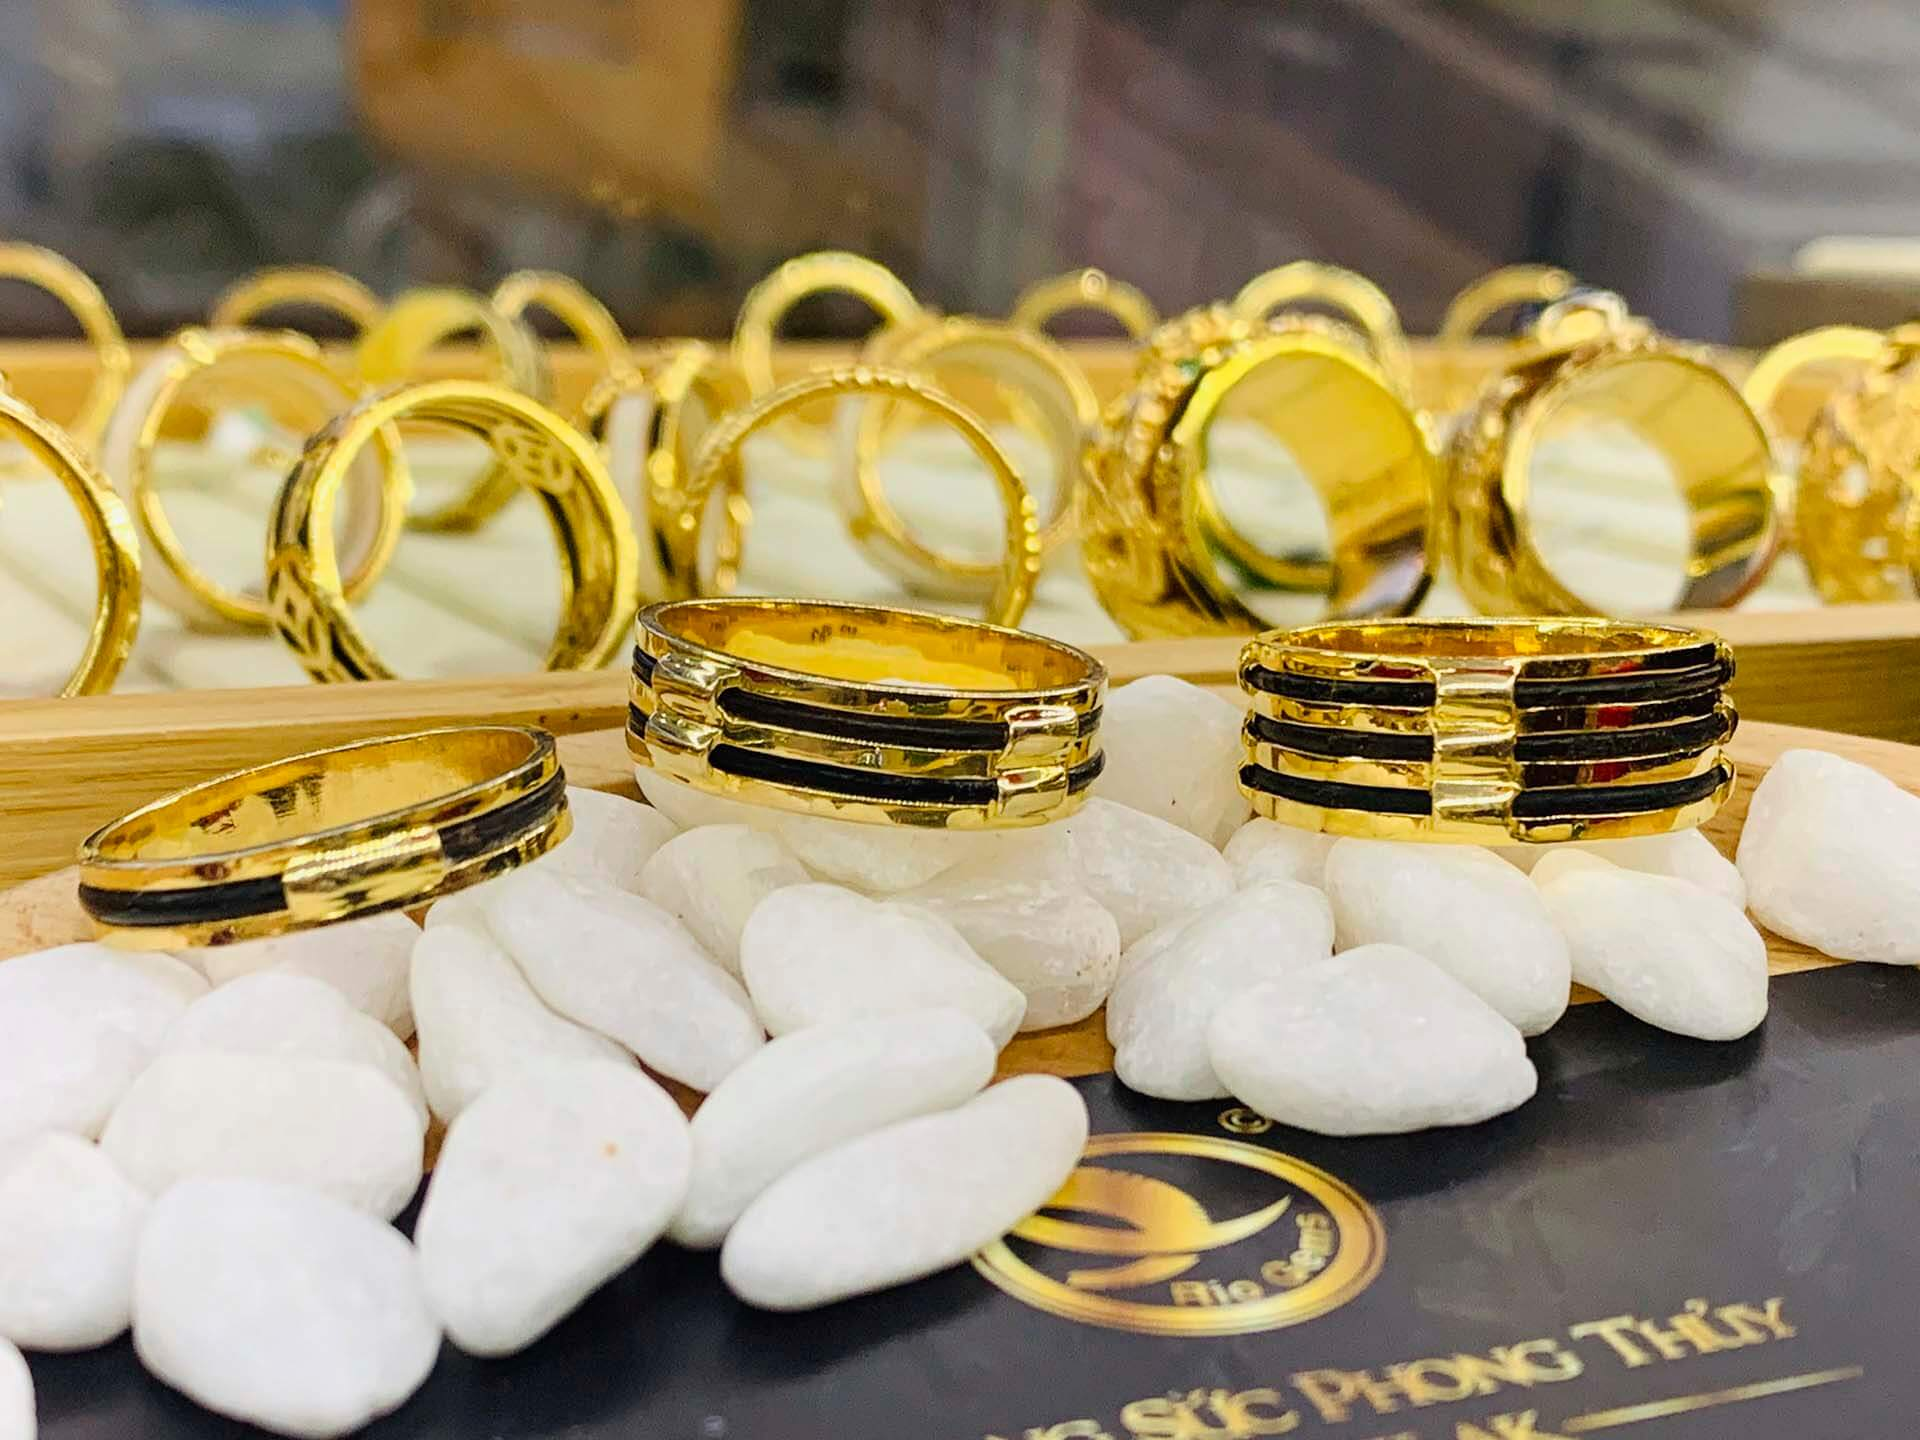 Nhẫn nam vàng 18K lông voi làm tay 3 sợi ngoài Riogems sở hữu thiết kế tinh tế đến từng centimet